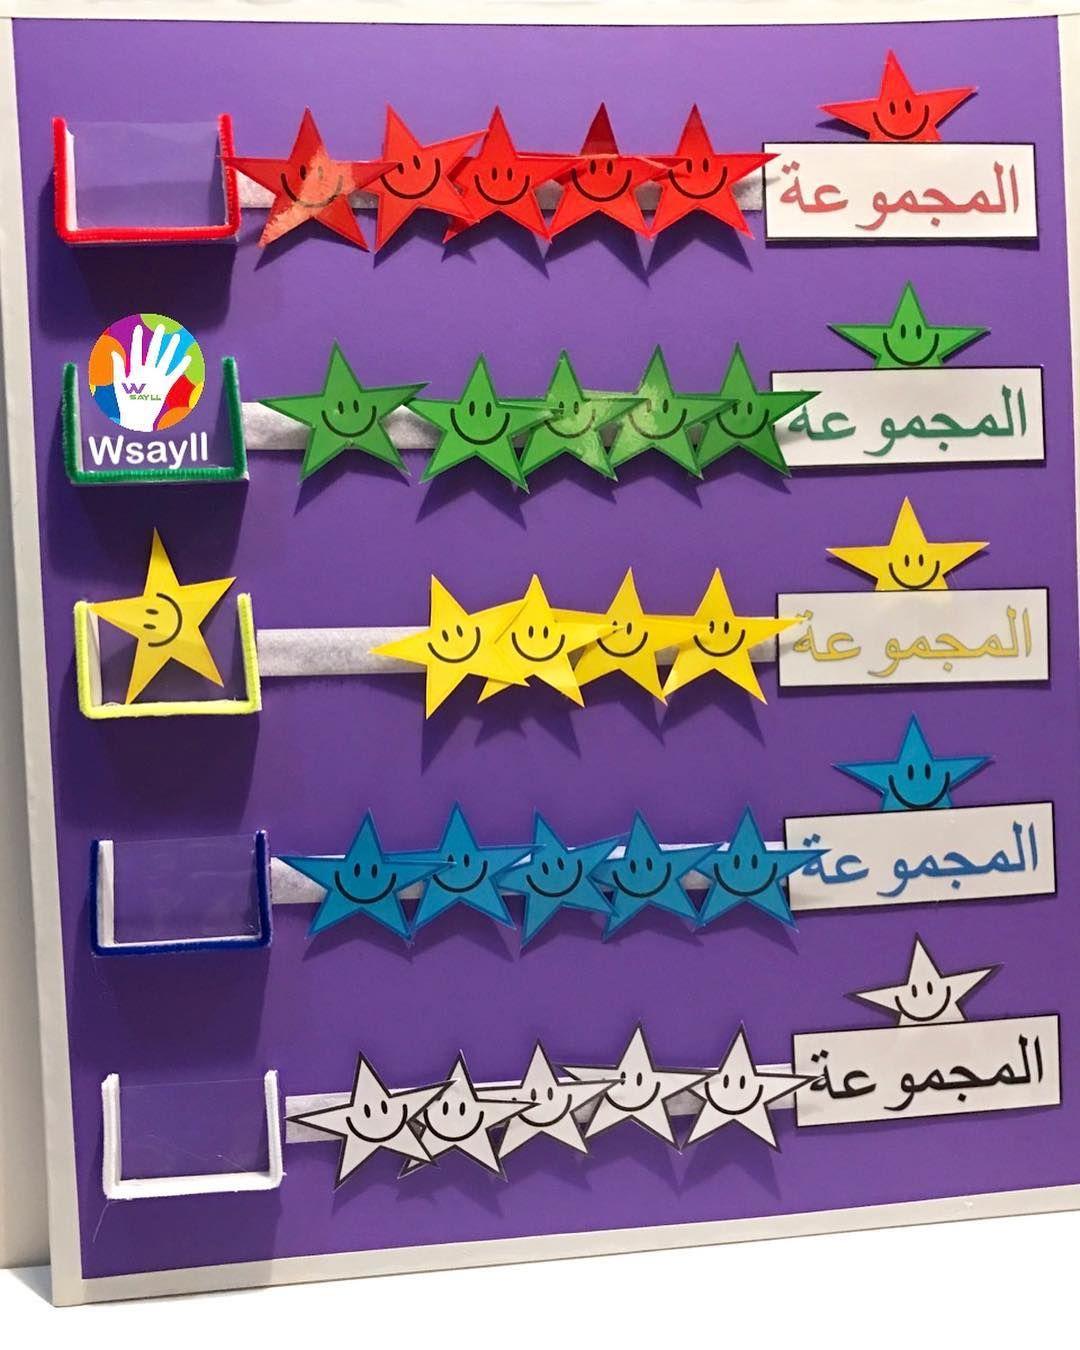 وسيلة تعزيزية للمجموعات من وسايل تحصل كل مجموعه على خمس نجوم نهاية الاسبوع وذلك عند انجازها ا Islamic Kids Activities Kids Education Education Clipart